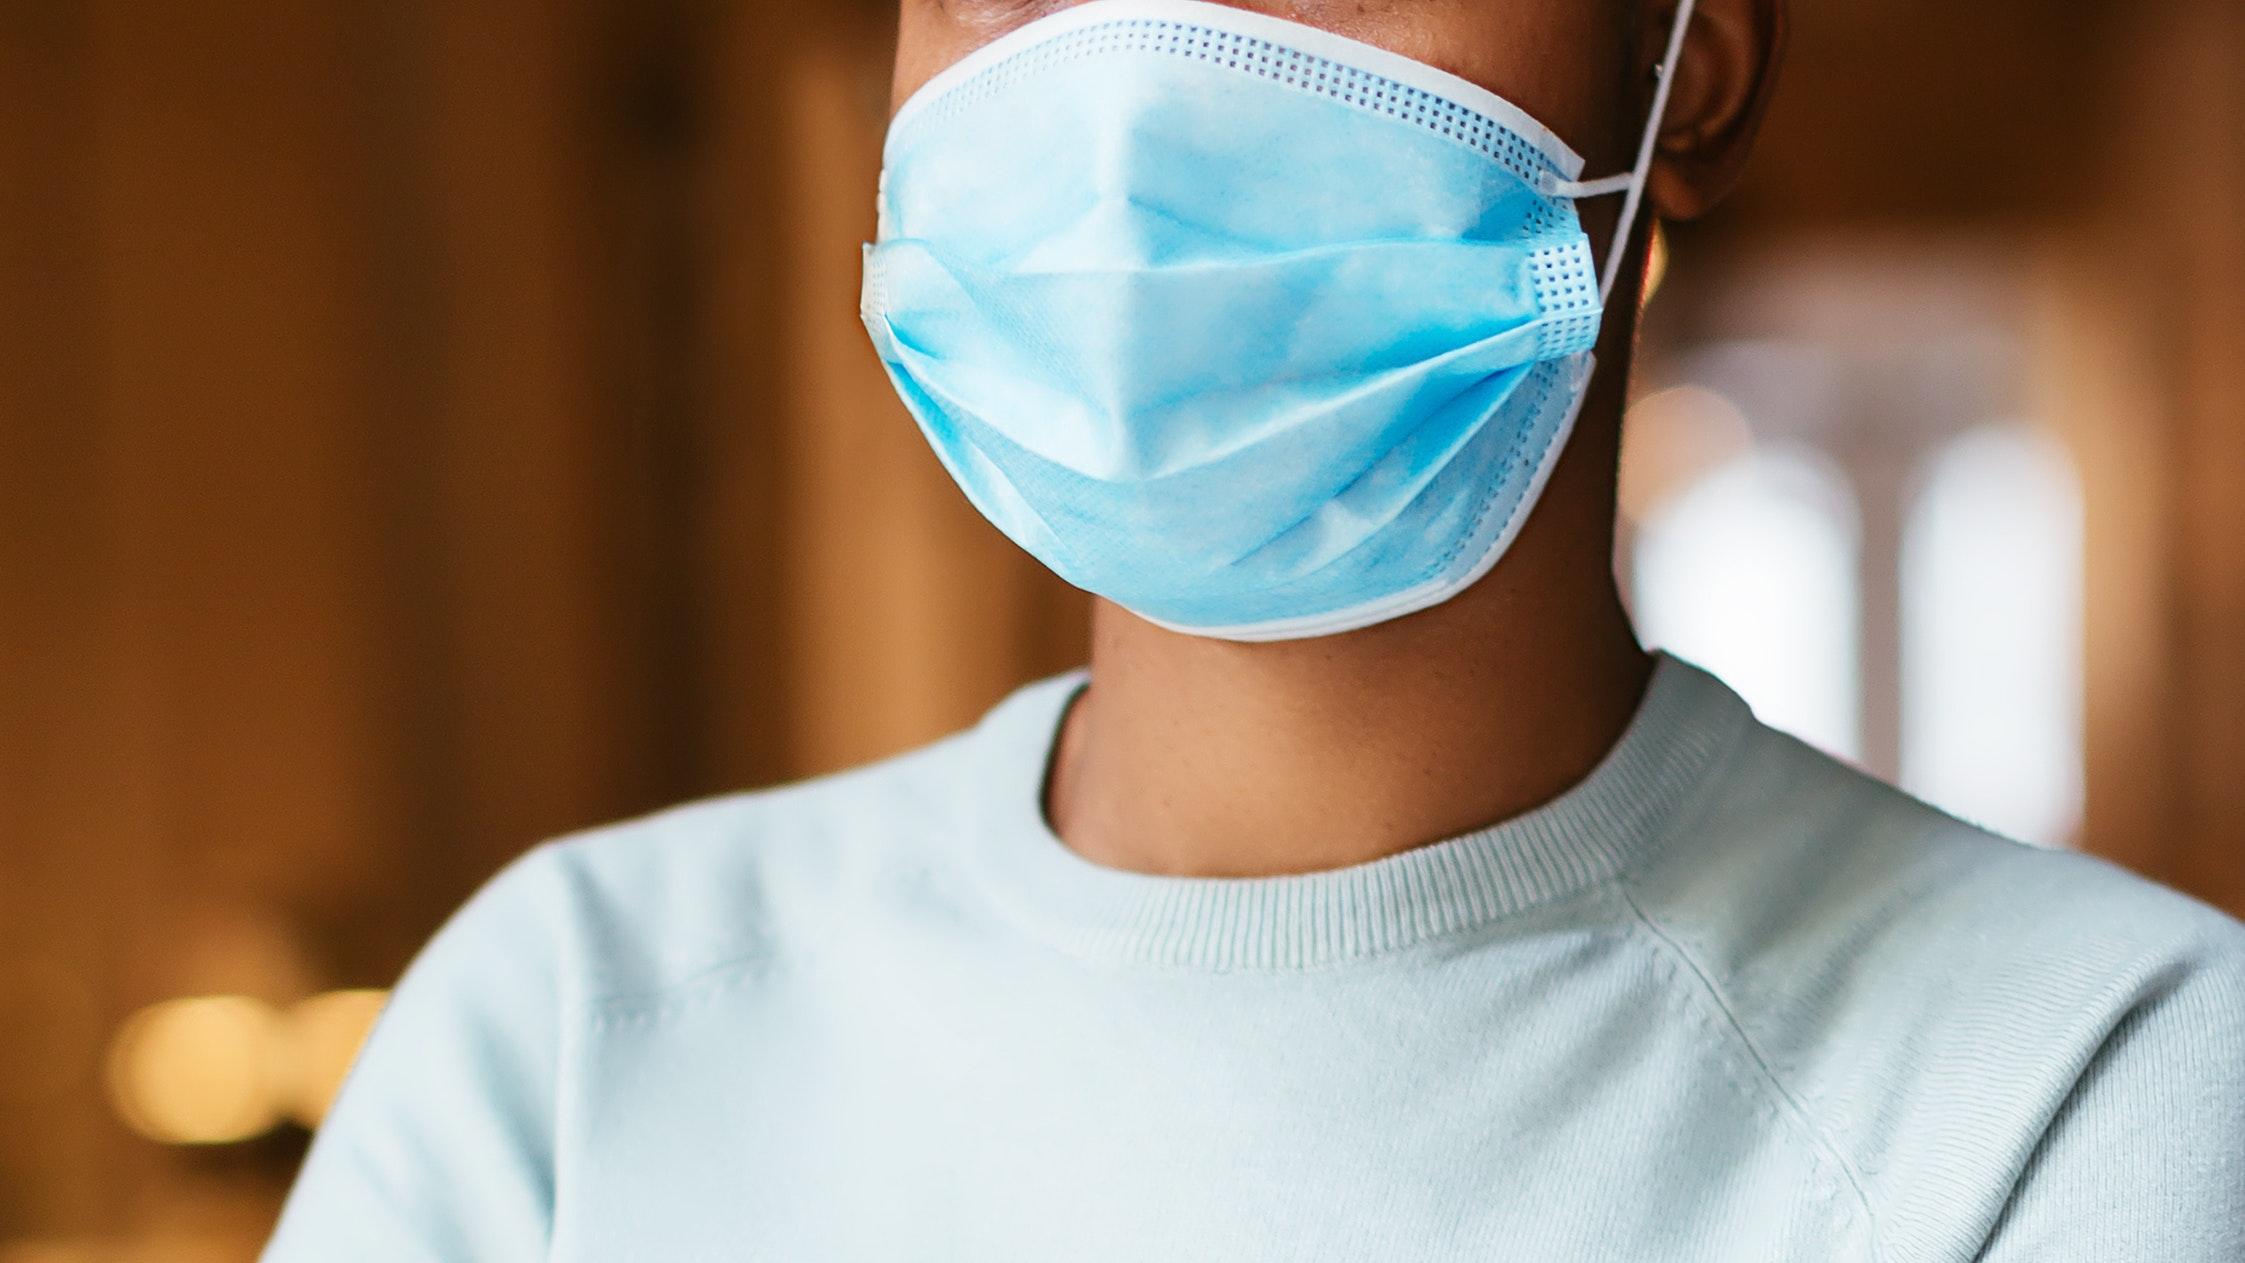 woman wearing face mask during coronavirus pandemic